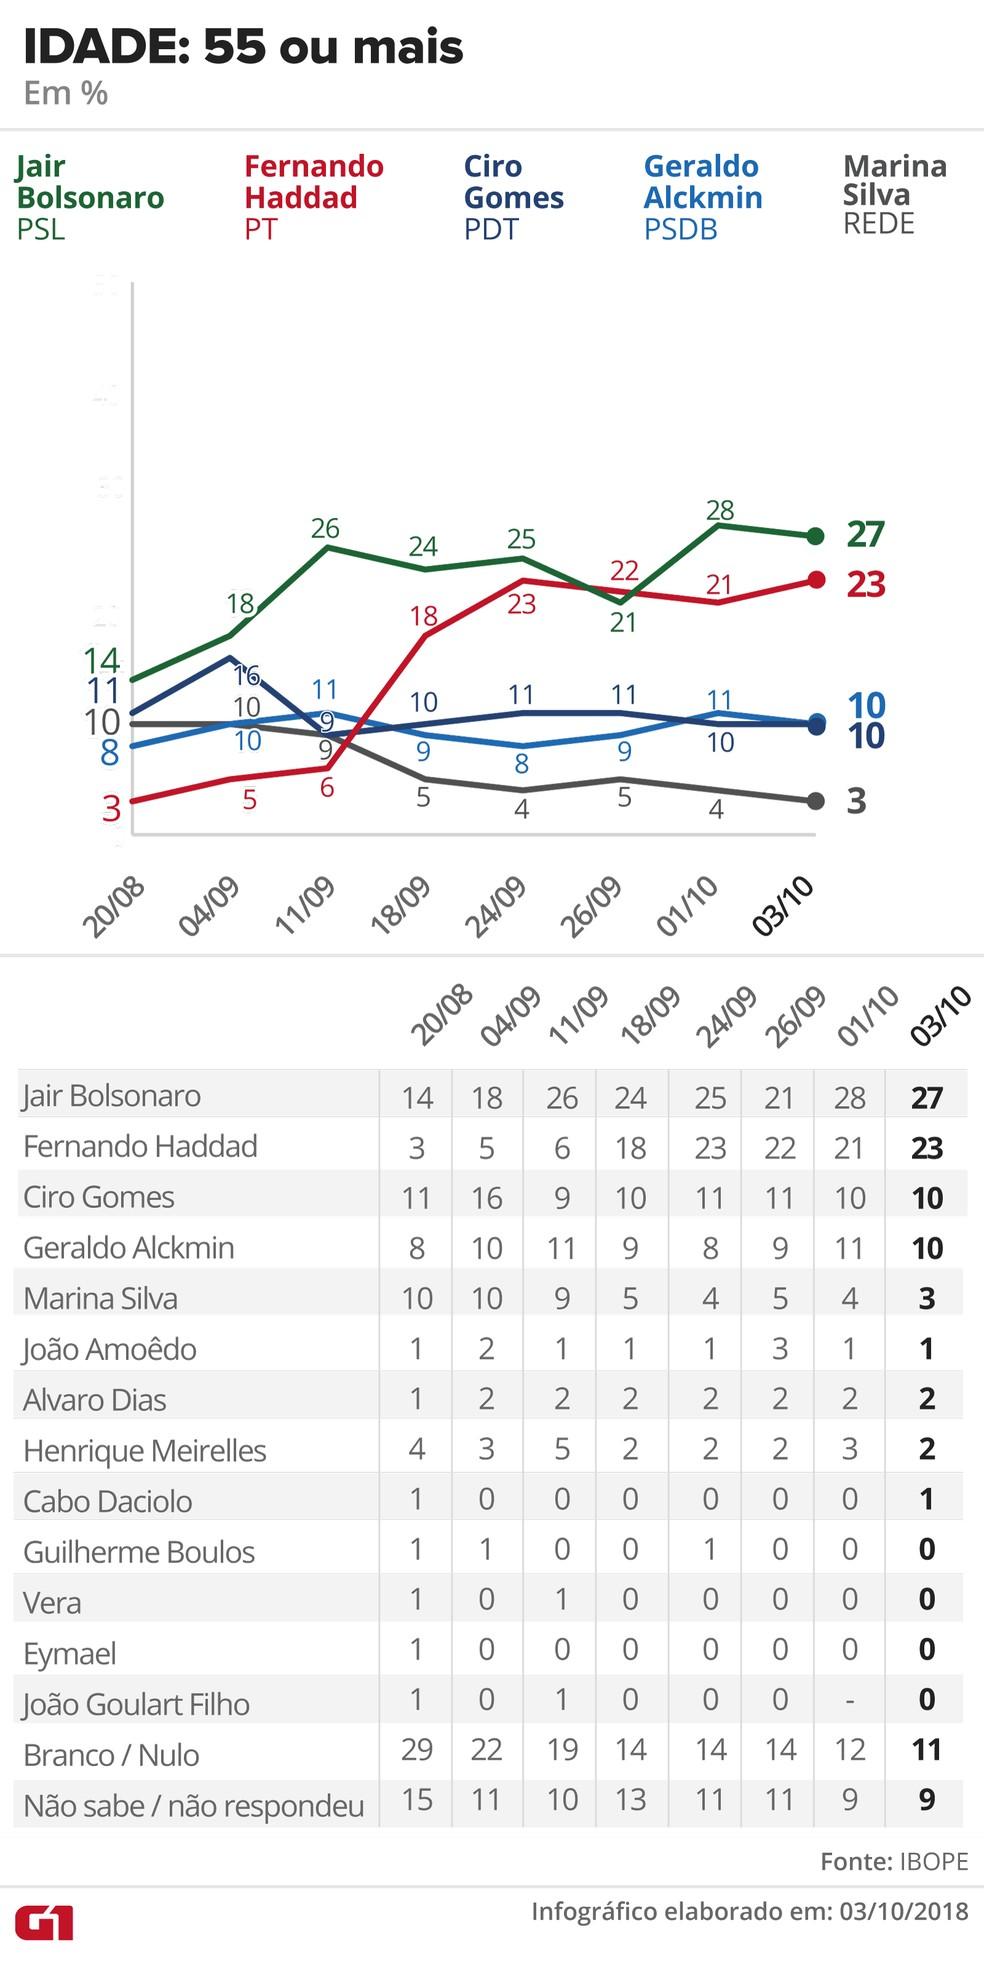 Pesquisa Ibope - 3 de outubro de 2018 - intenção de voto entre eleitores com 55 ou mais — Foto: Arte/G1